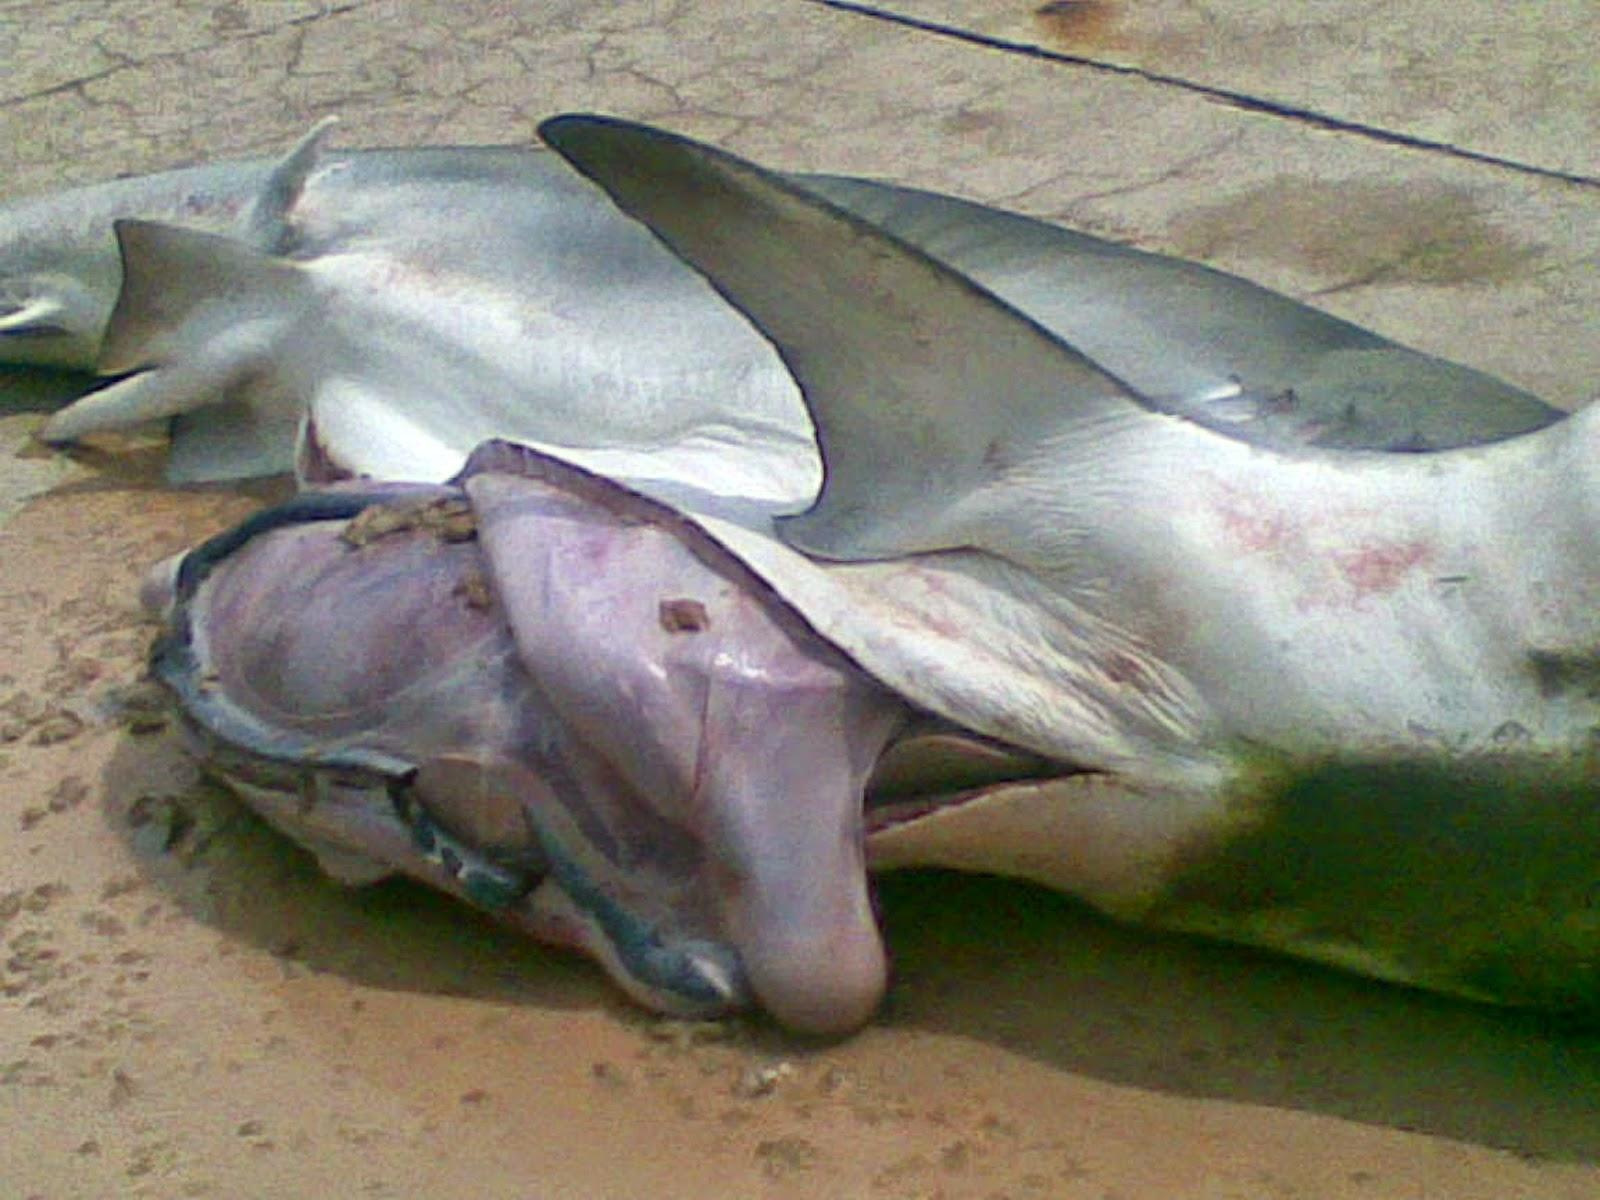 Mermaids Real Videos Real Mermaid Inside a Shark